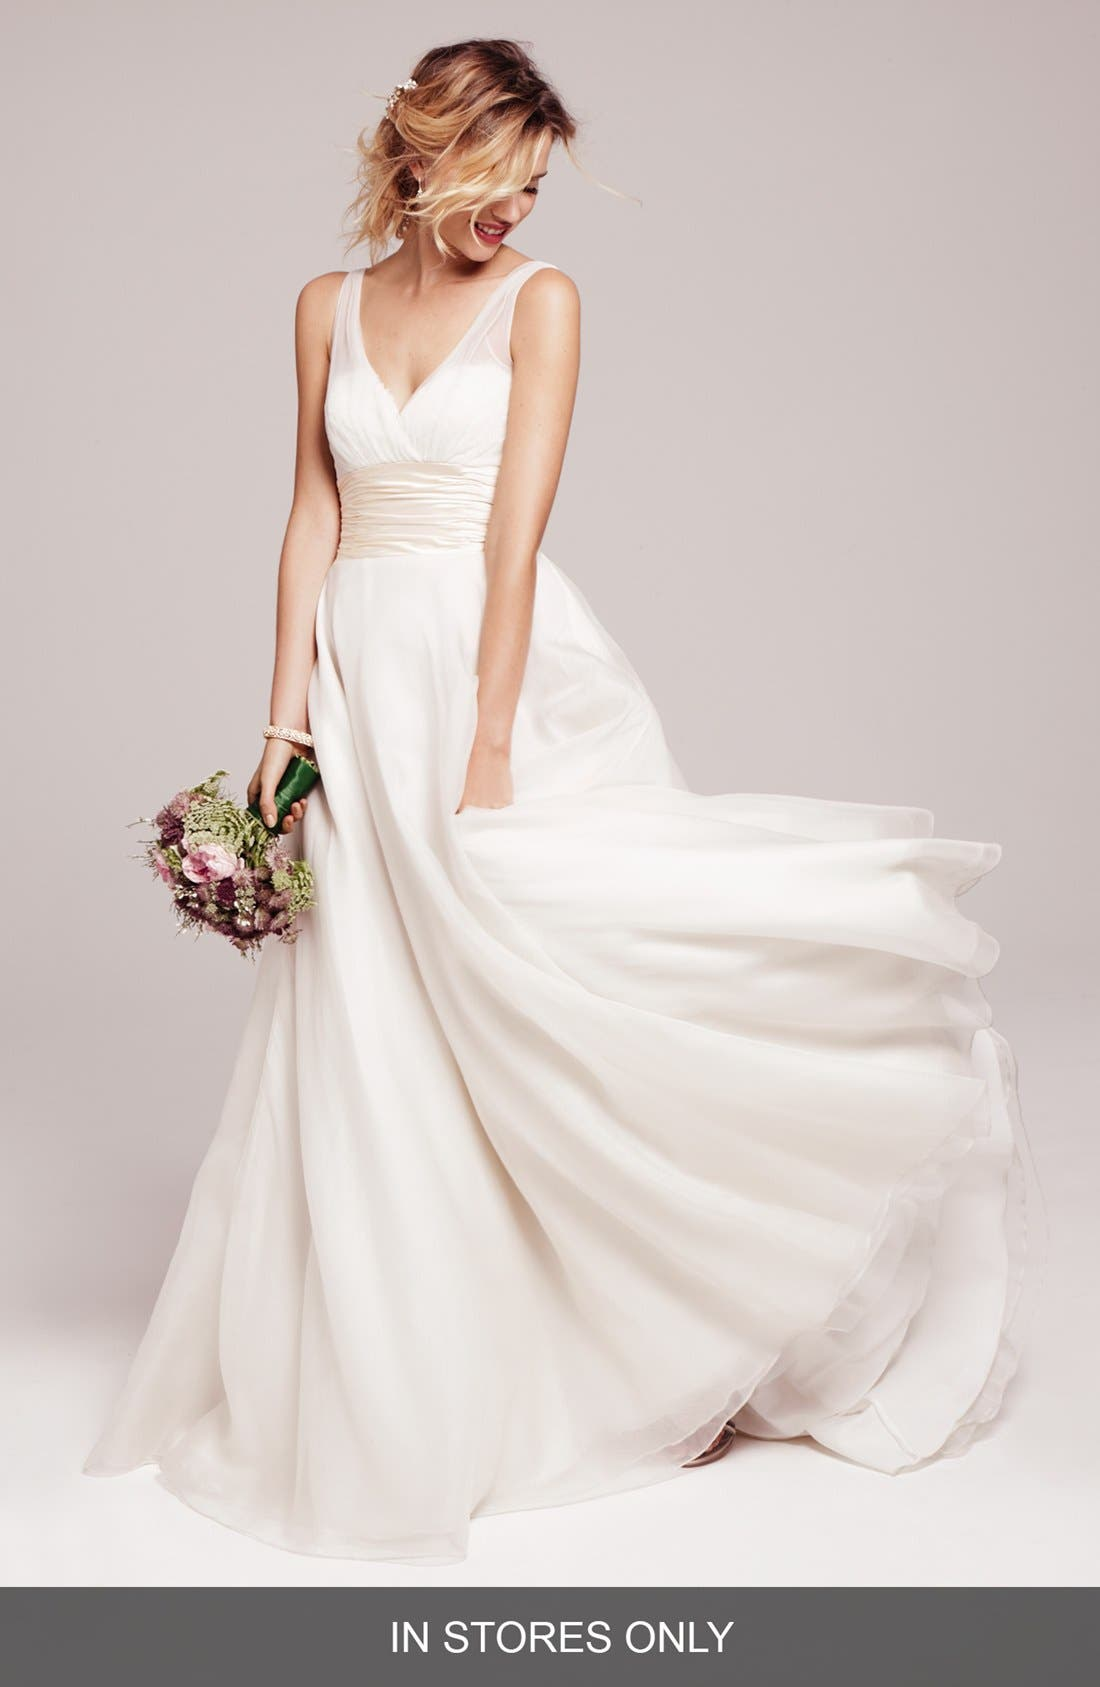 Main Image - Anne Barge Satin Cummerbund Silk Dress (In Stores Only)